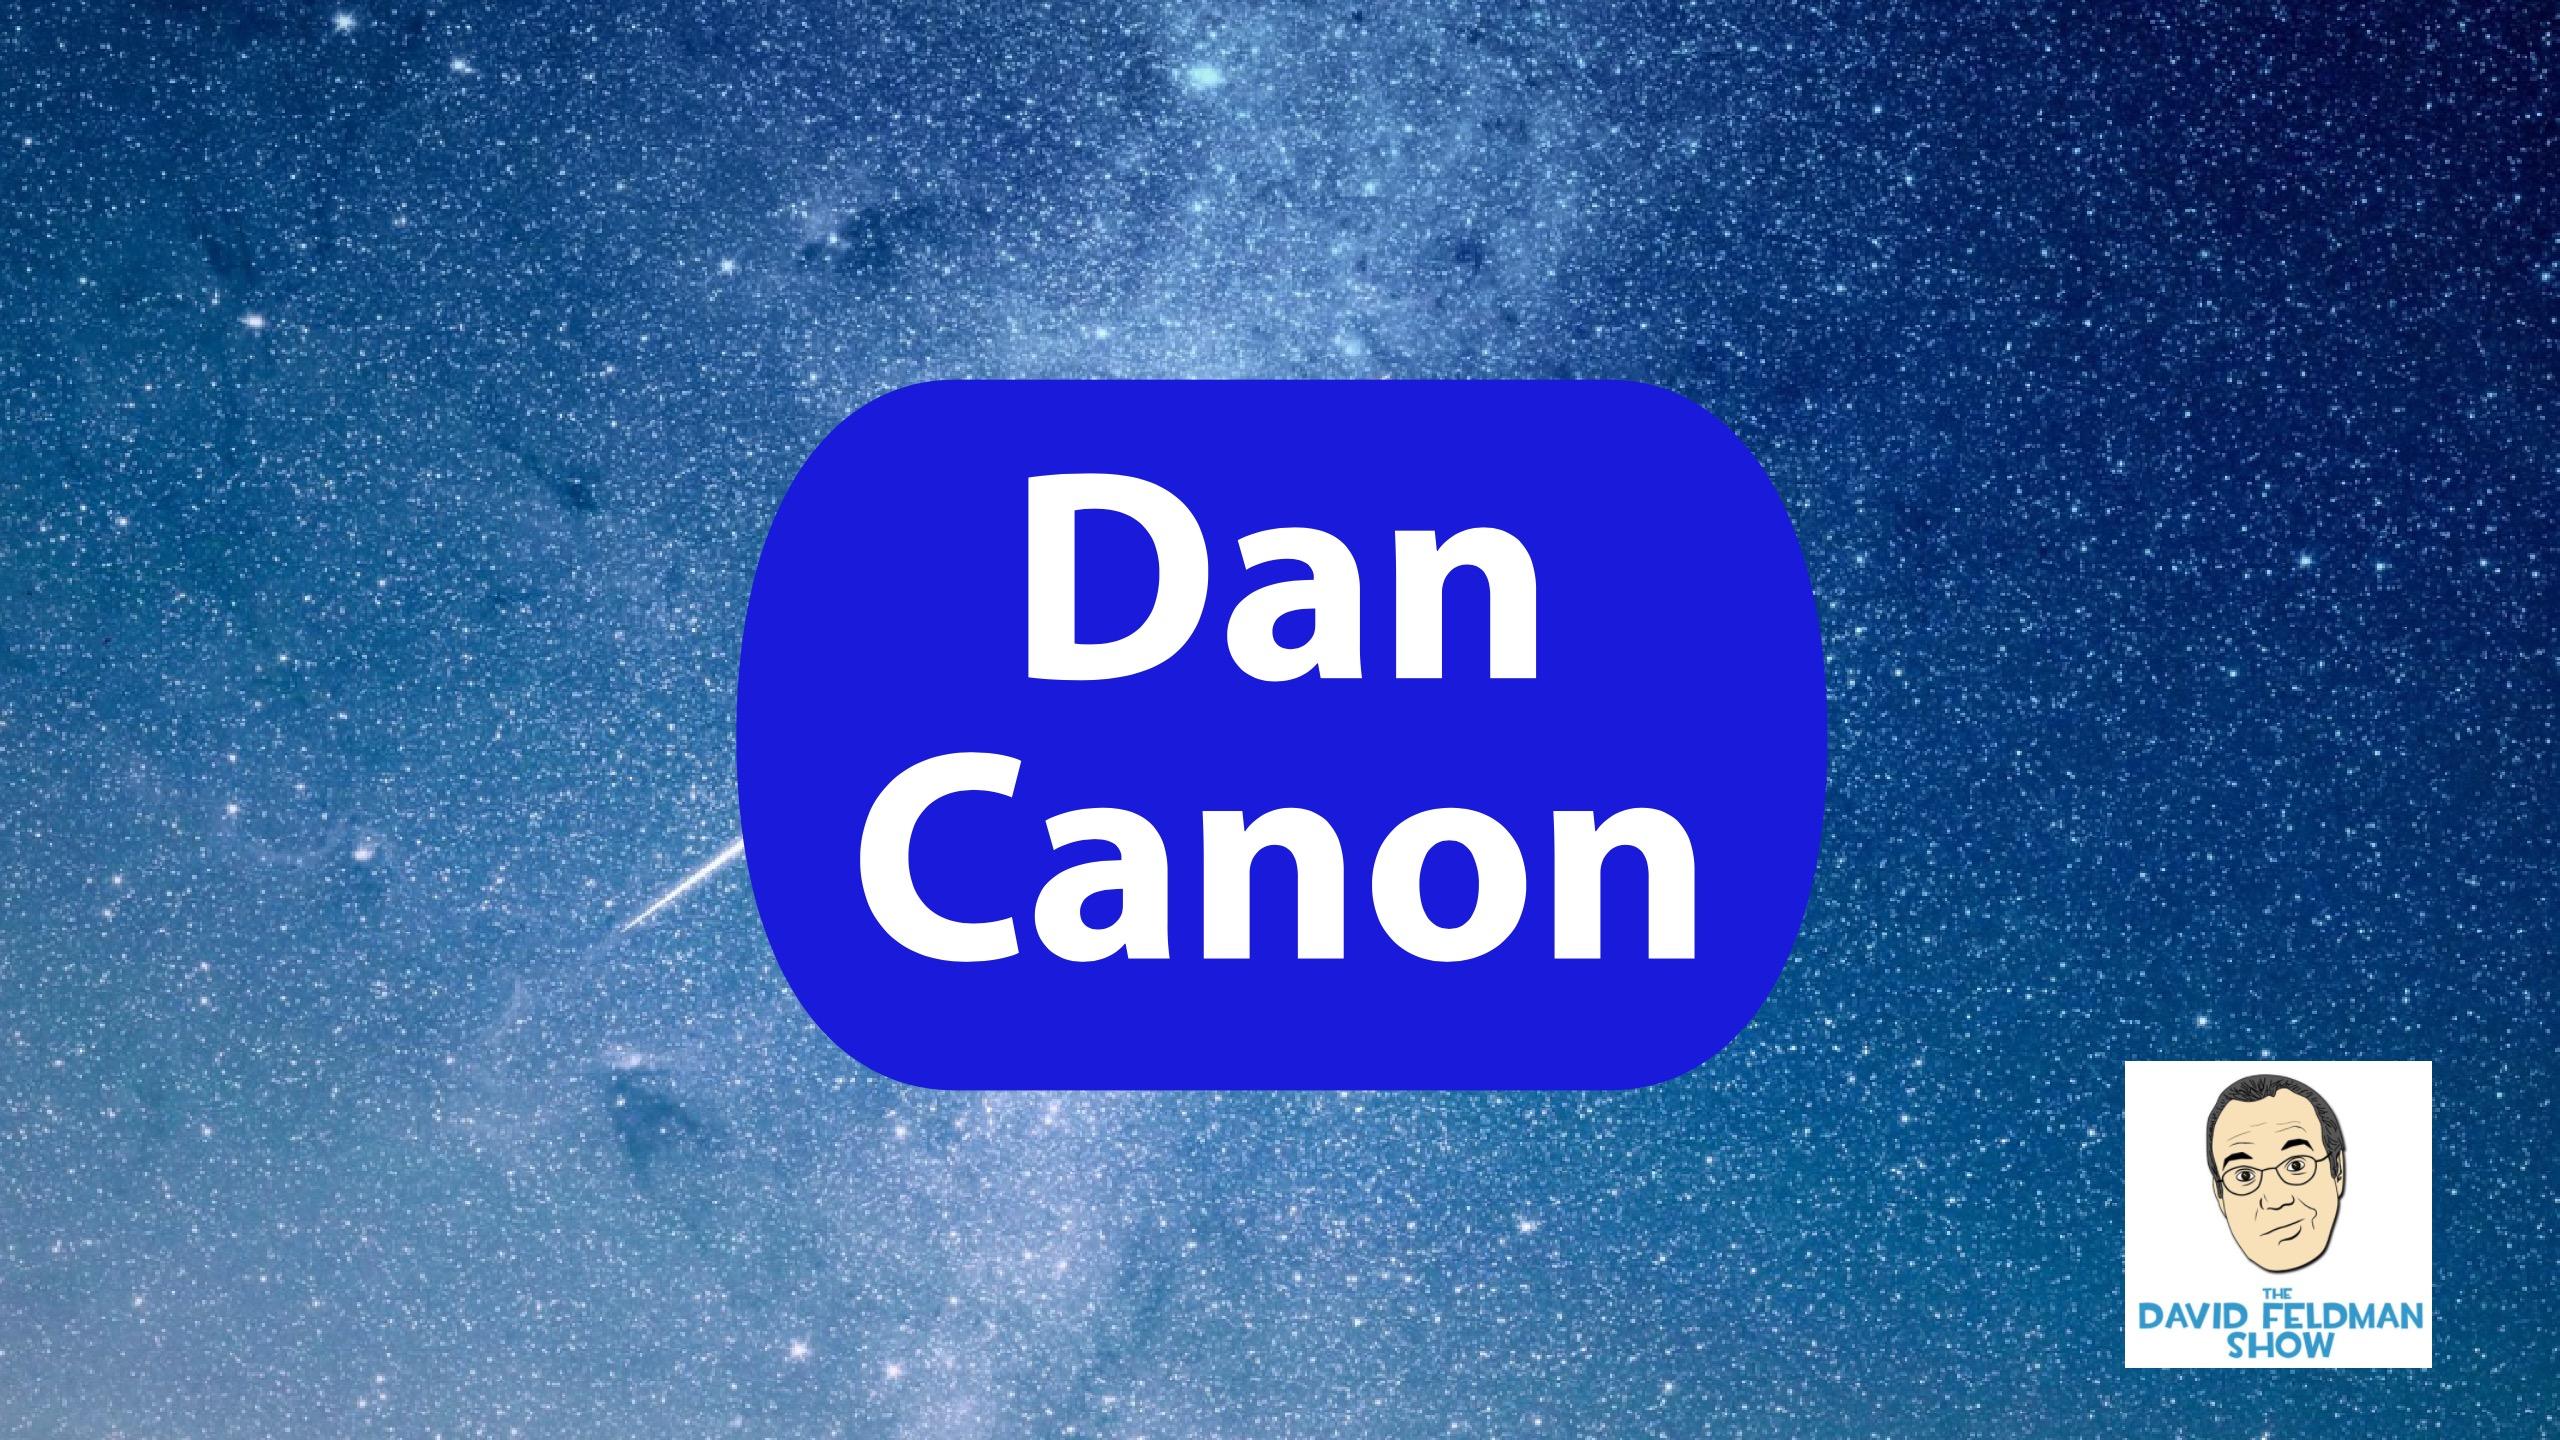 Dan Canon for Congress